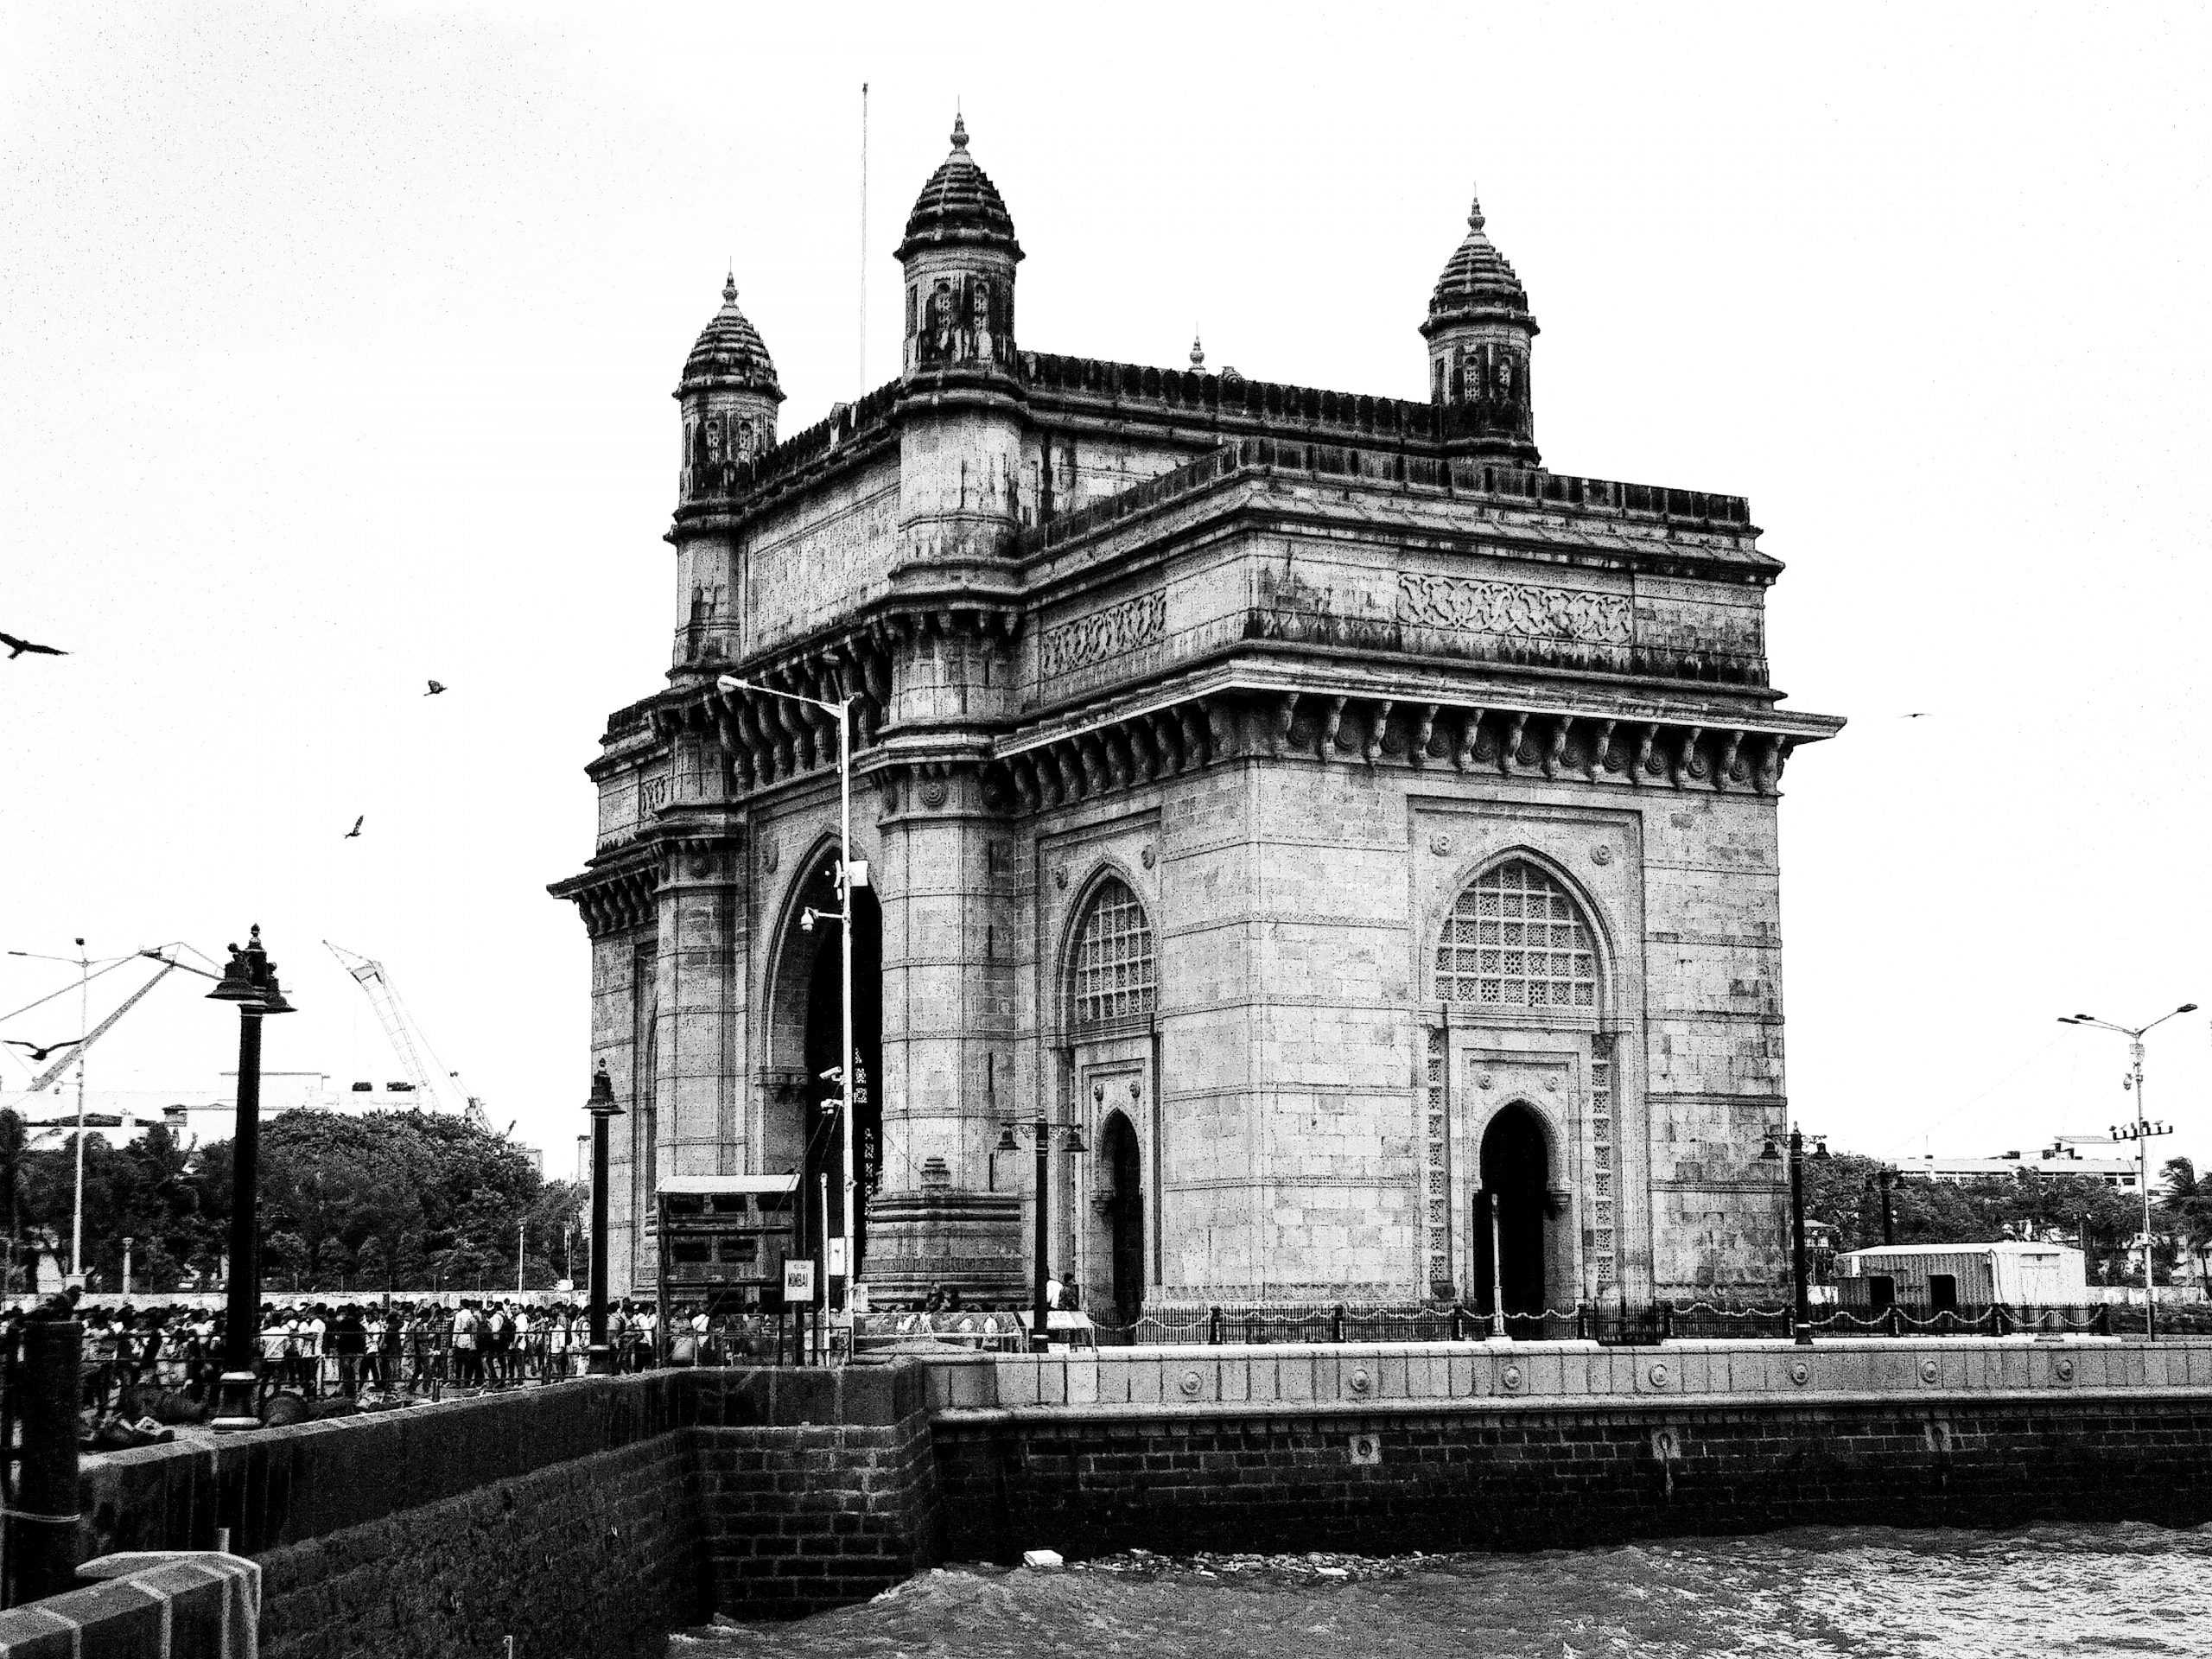 Gateway Of India Mumbai on Black and White